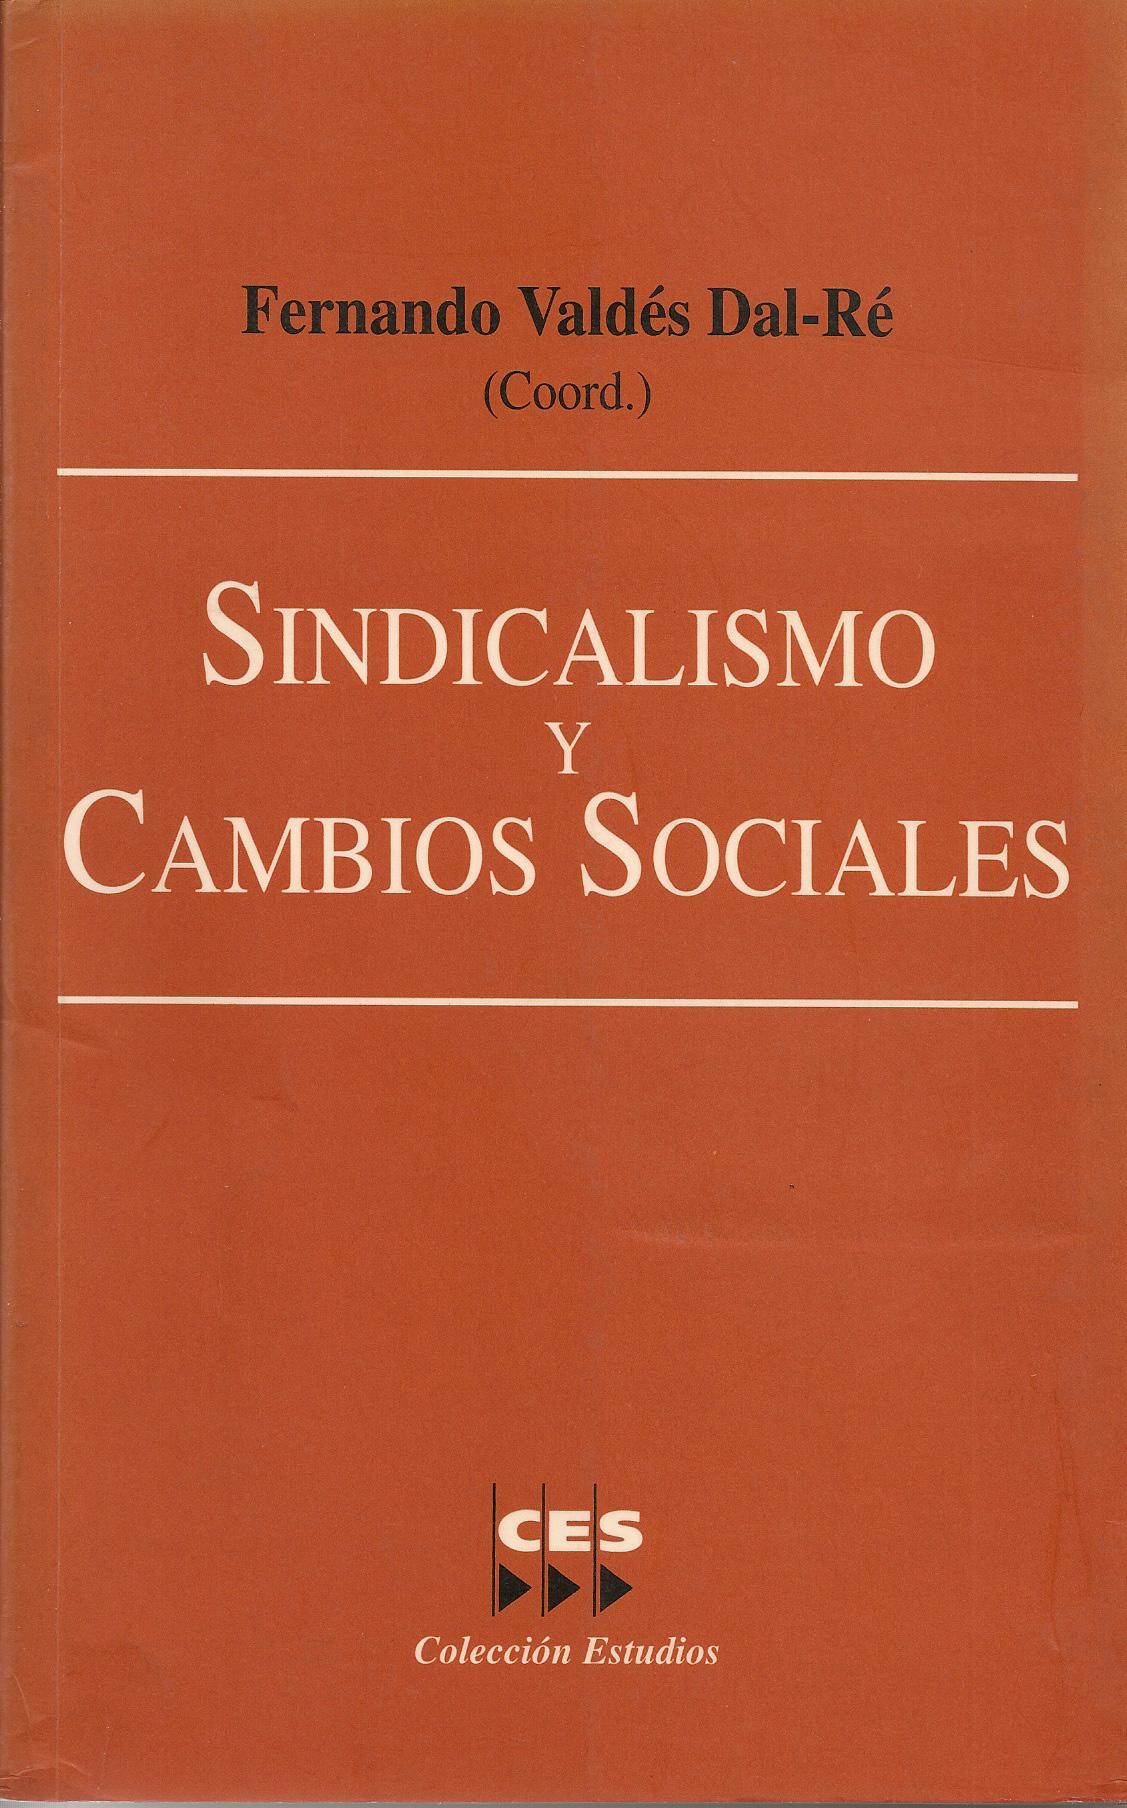 Sindicalismo y cambios sociales